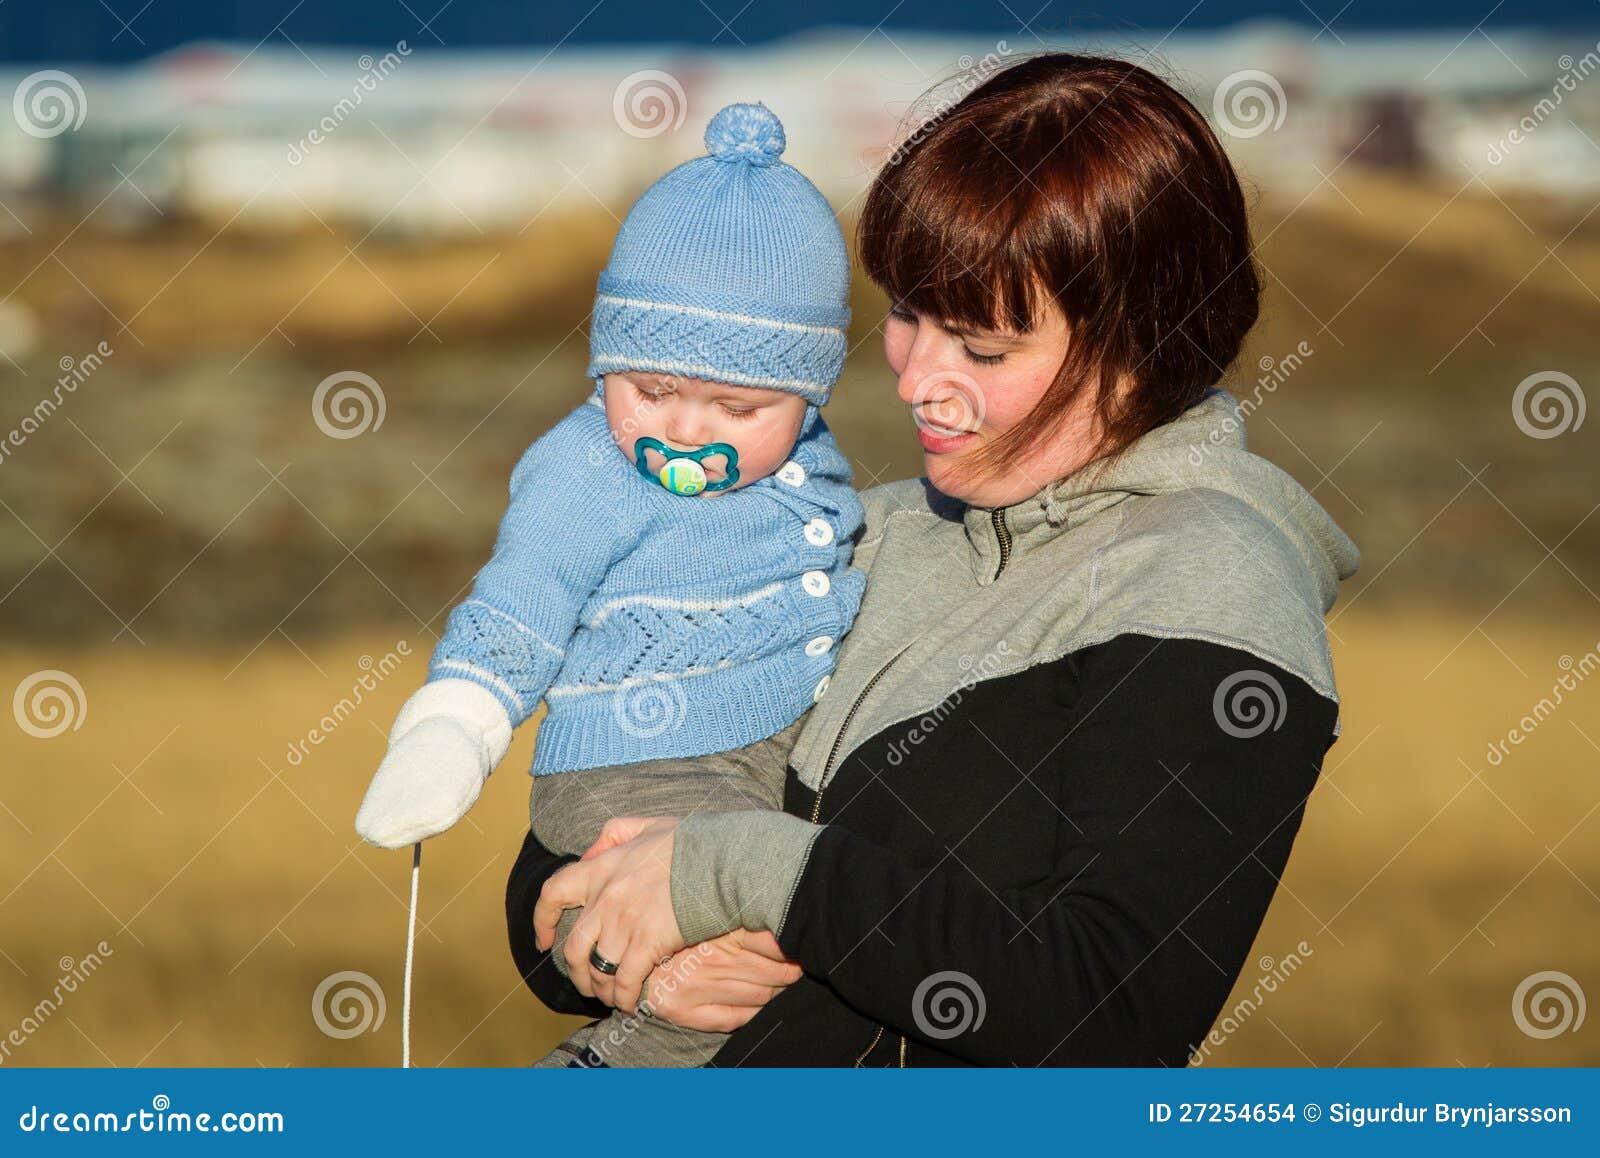 Μια μητέρα που κρατά το παιδί της.